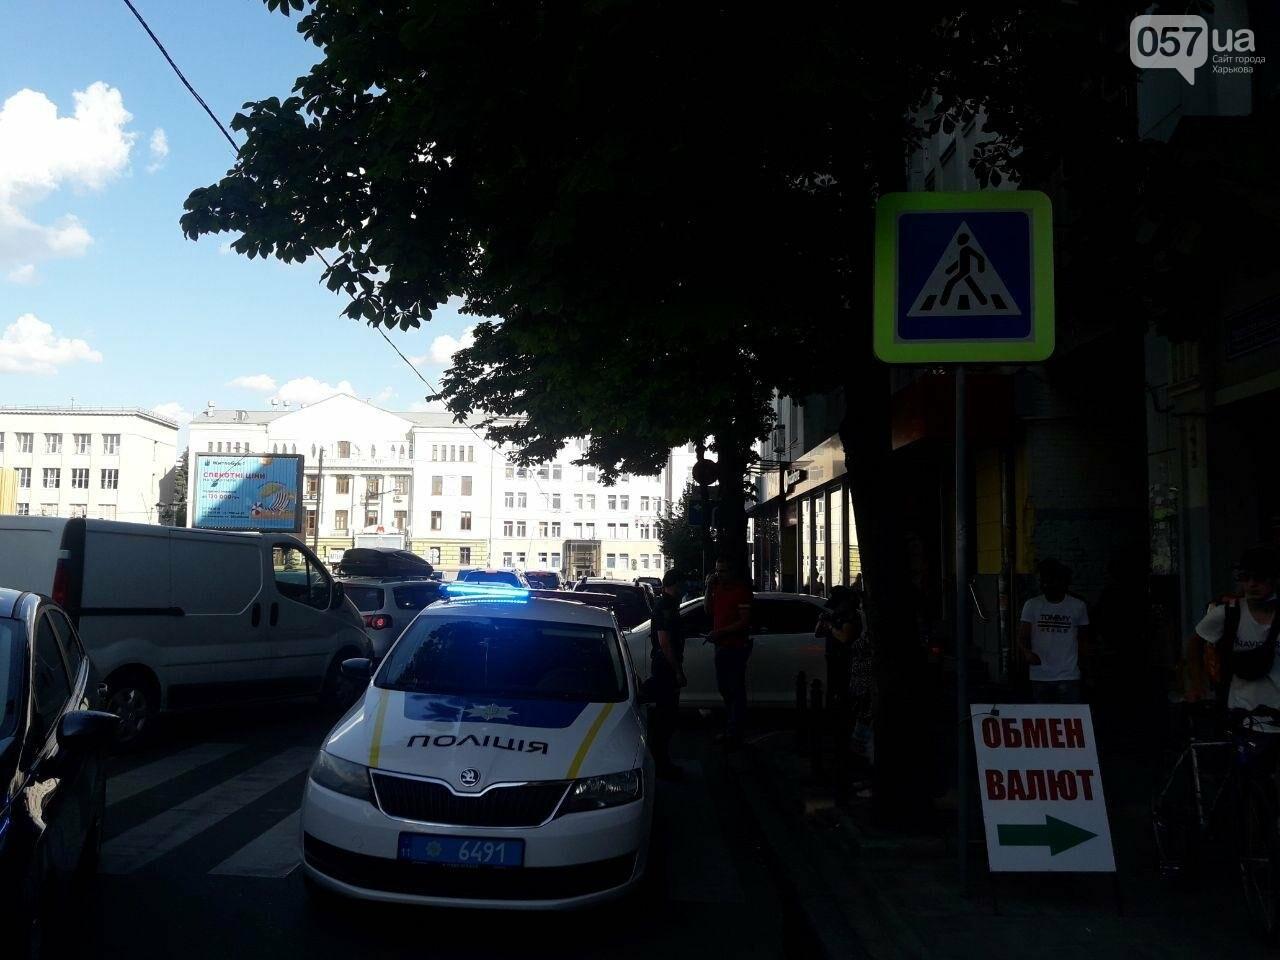 """На """"Пушкинской"""" легковое авто сбило пешехода на """"зебре"""": пострадавший в больнице, - ФОТО, фото-9"""